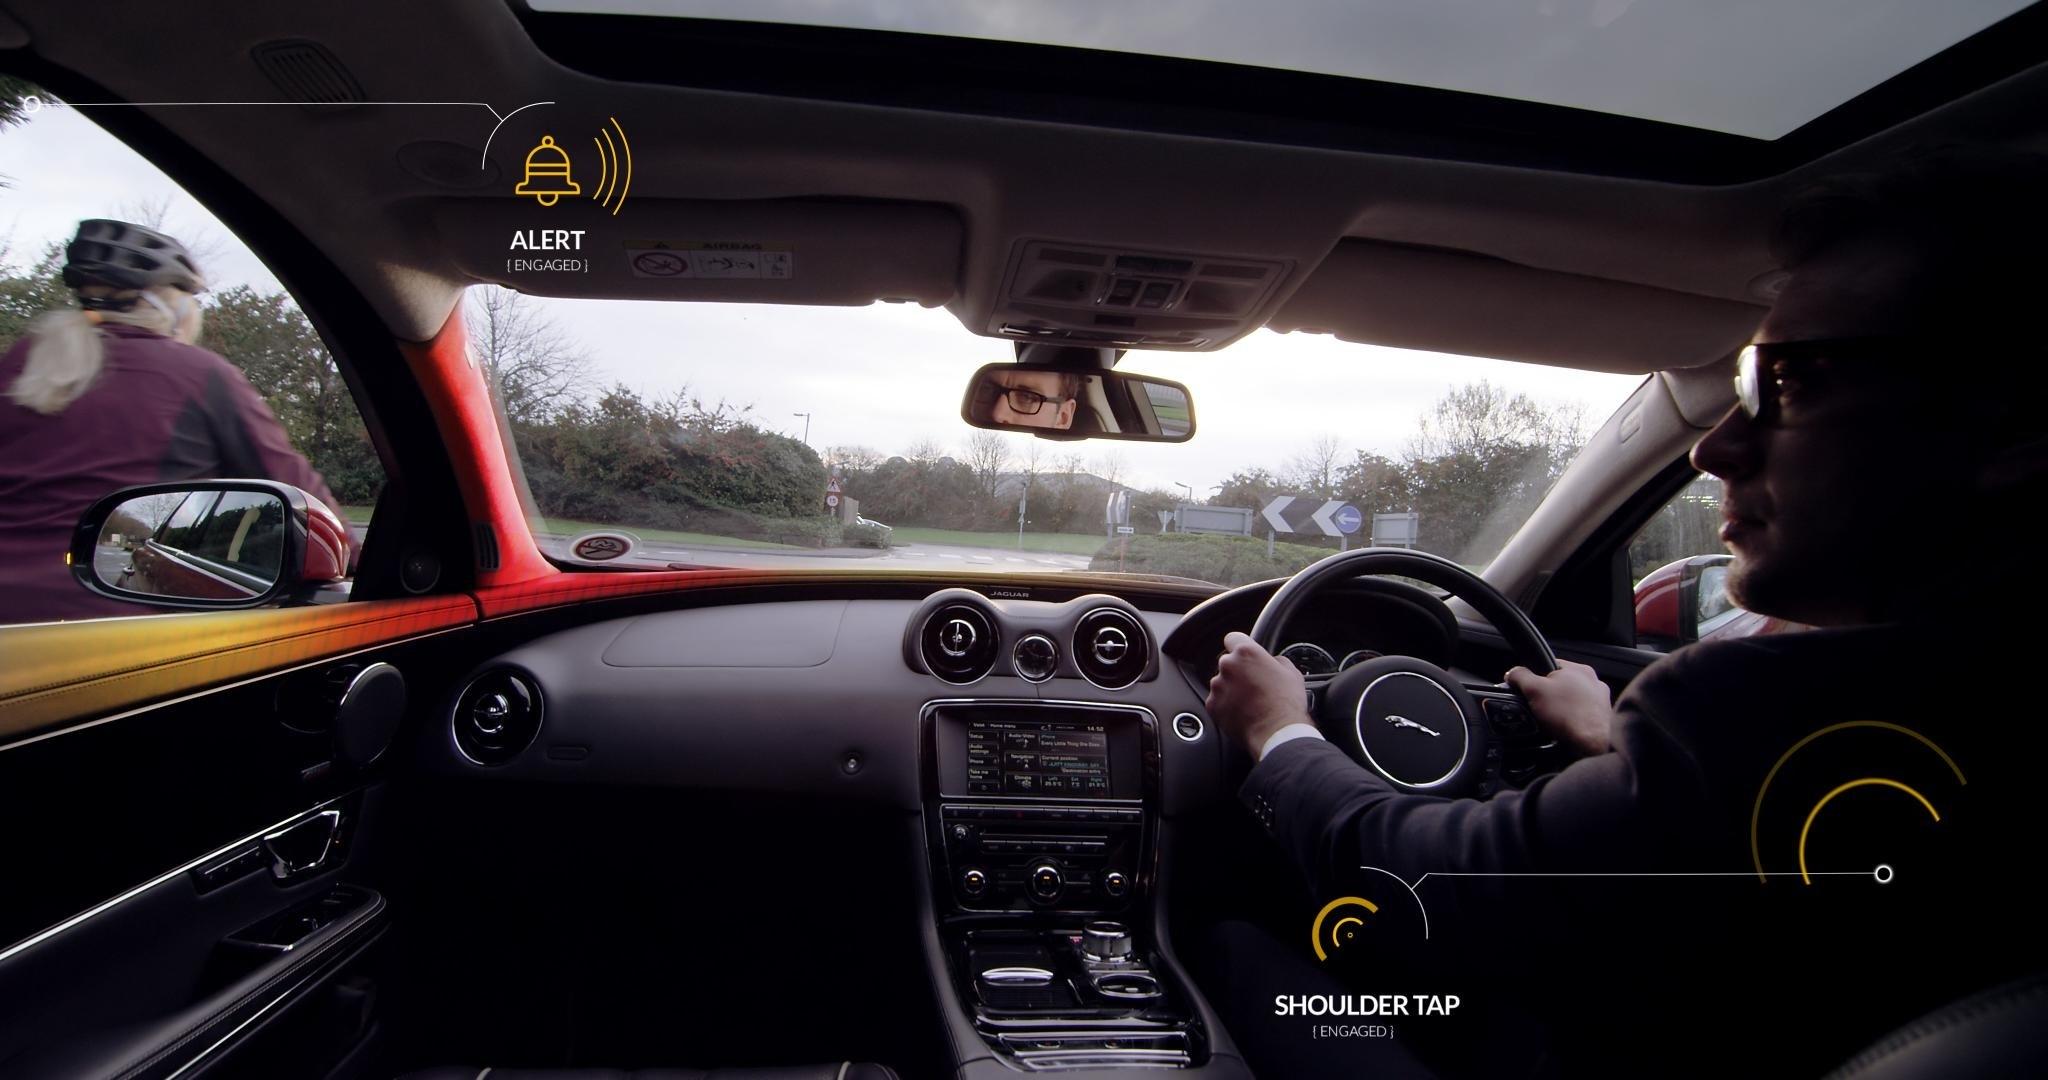 Jaguar alert.jpg